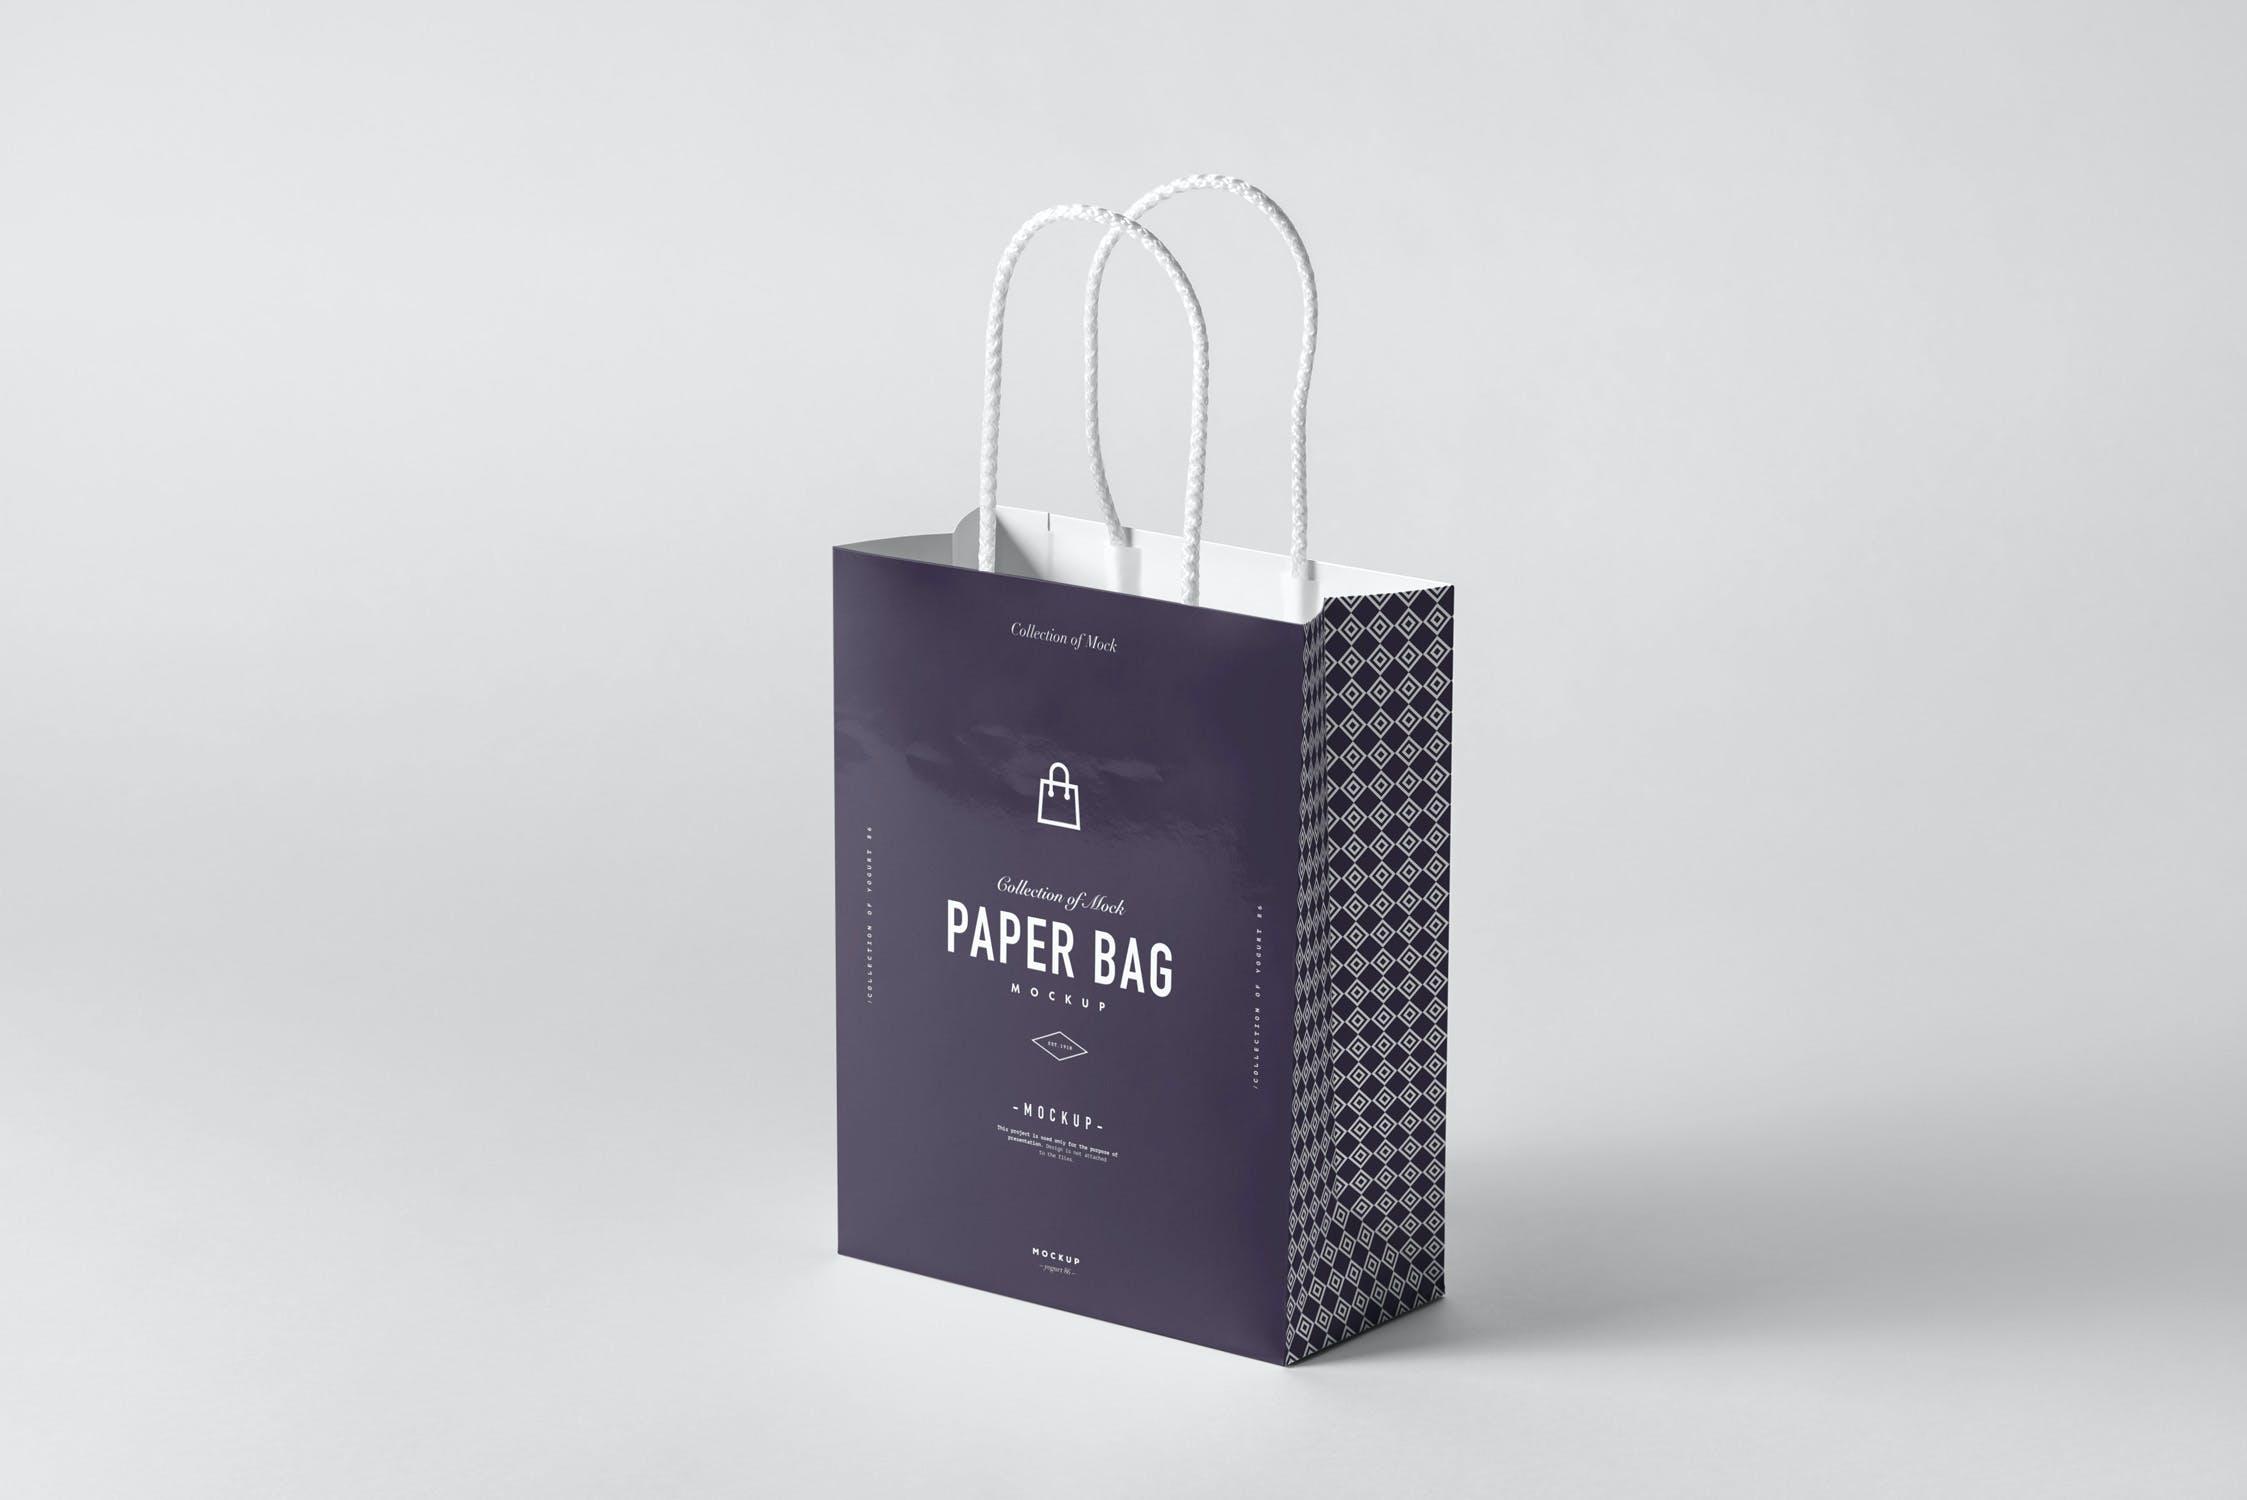 11款购物手提纸袋设计展示样机模板 Paper Bag Mockup 2插图